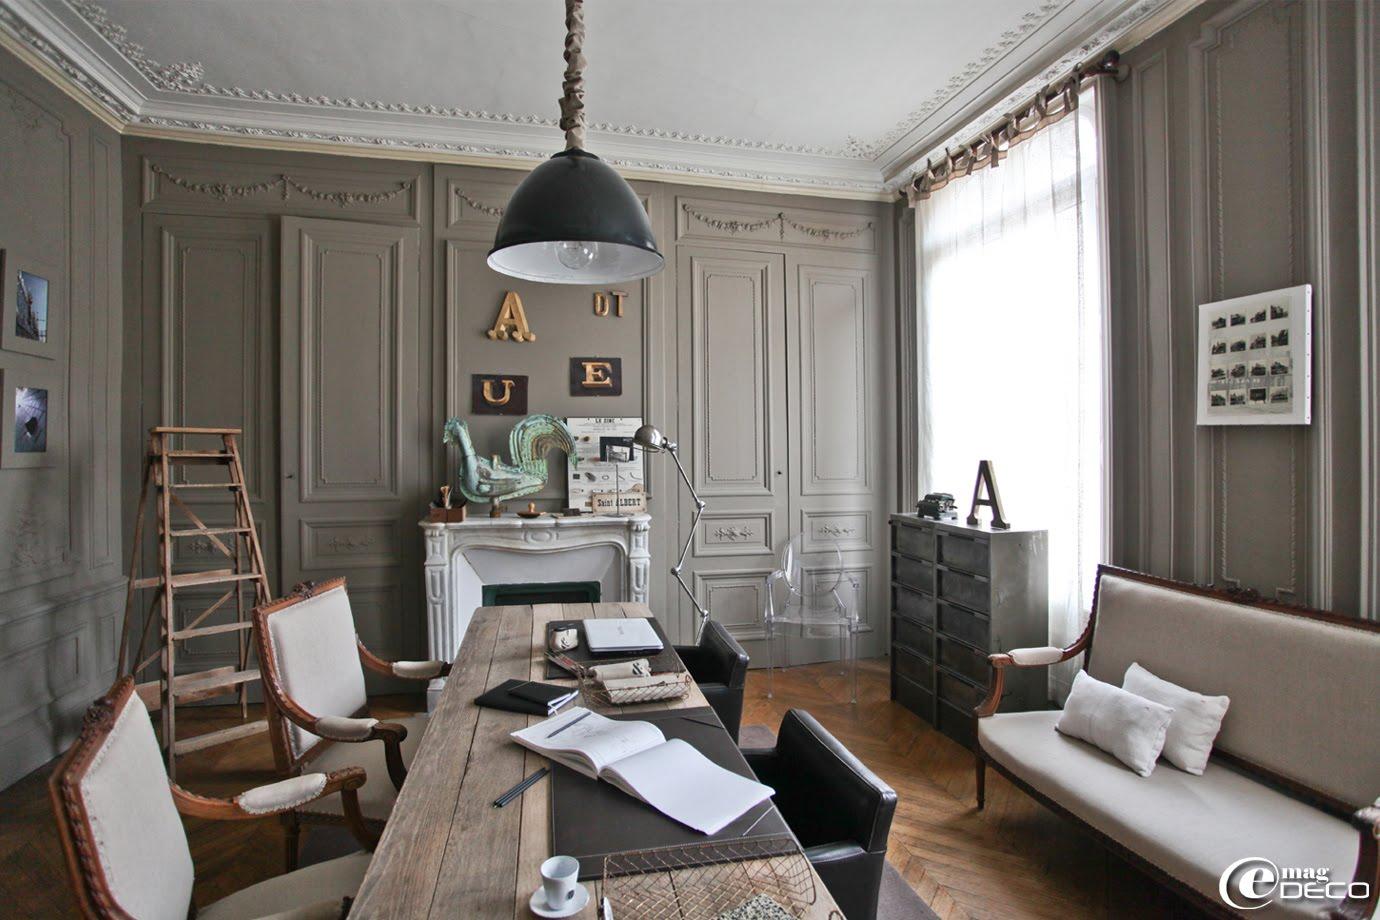 Decoration Interieur Maison Flamande